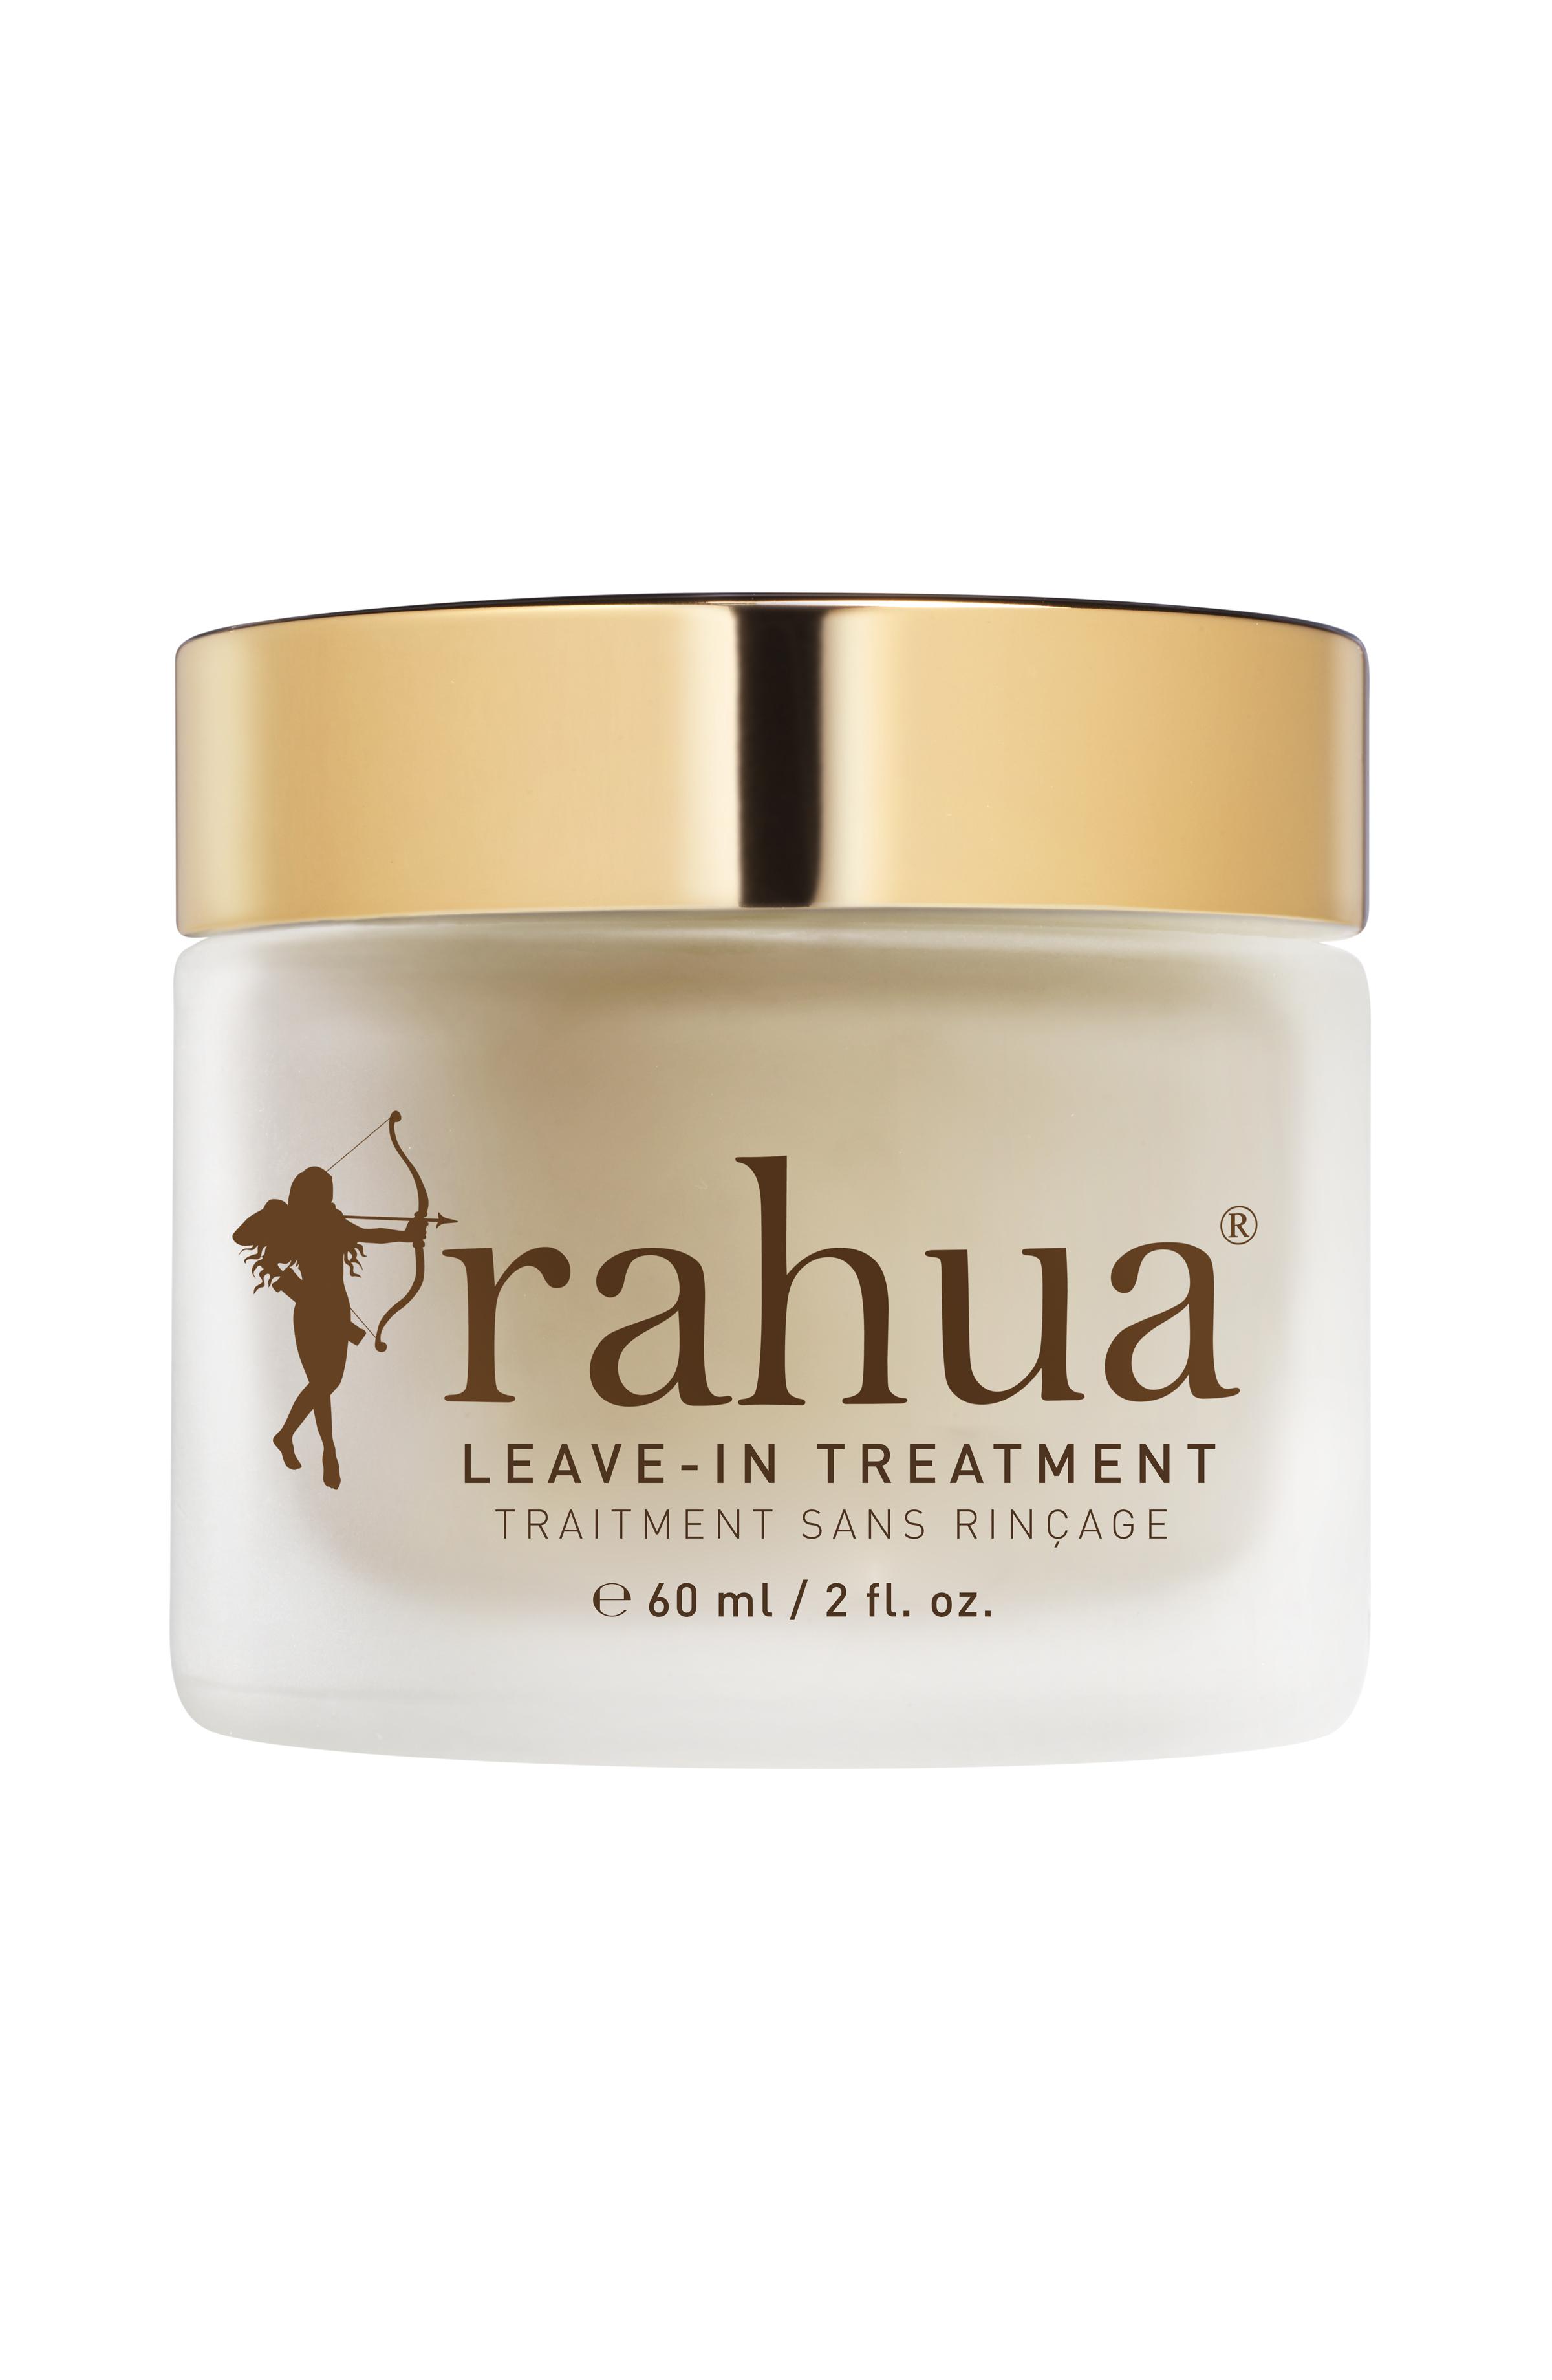 RAHUA-LEAVE-IN-TREATMENT-2400x3680.jpg